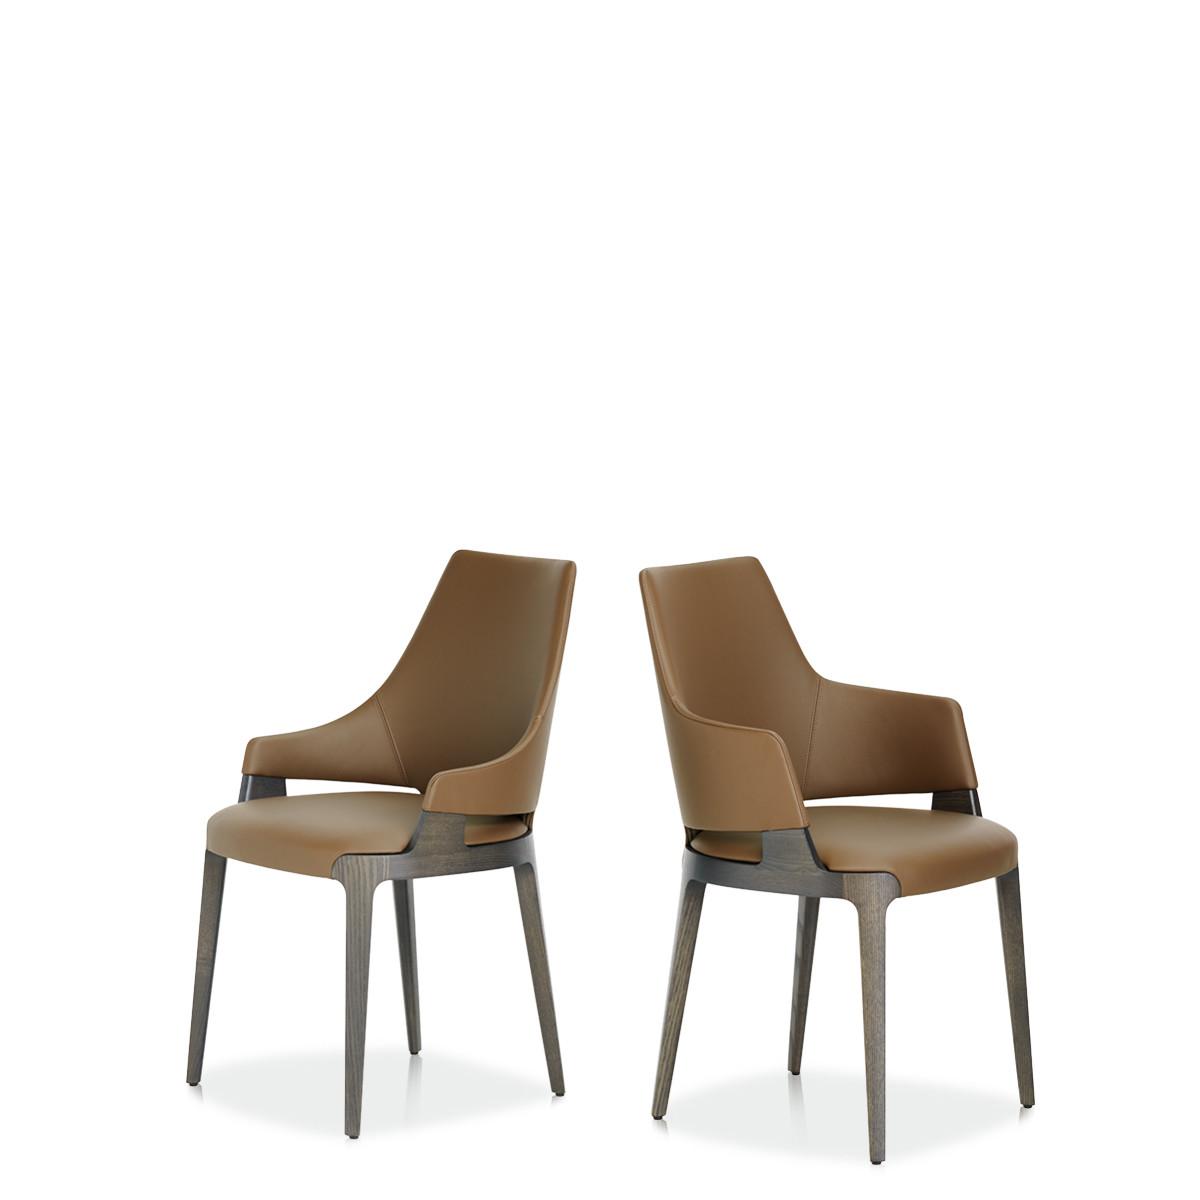 Entdecken Sie bei Conzept Beckord besondere Designmöbel! Hier finden Sie Potocco Stühle: Velis dunkel